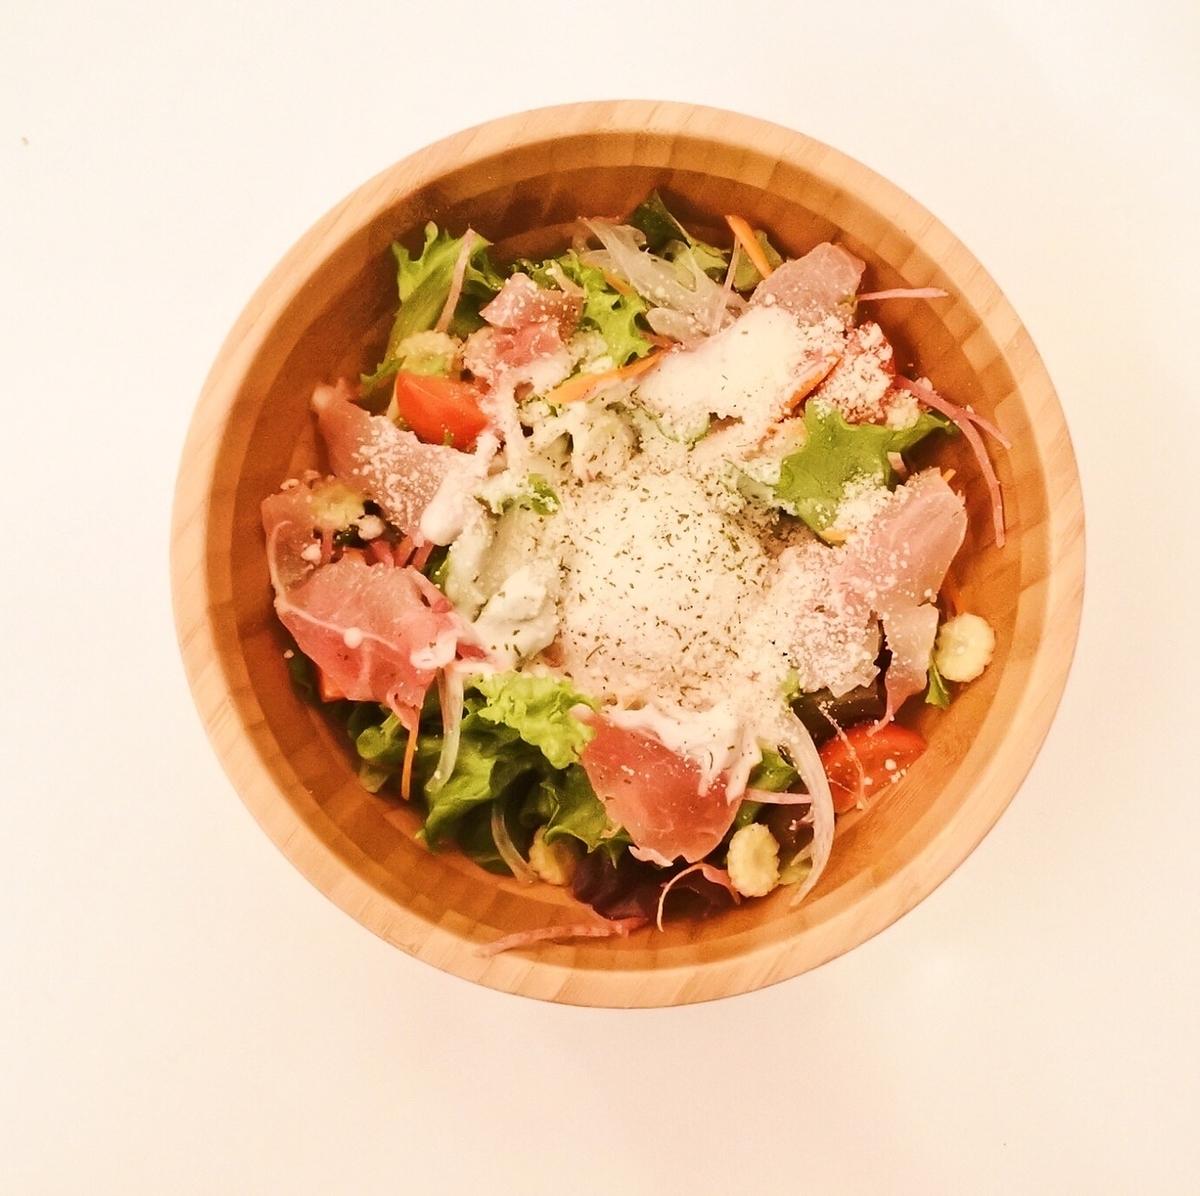 이탈리아 산 생햄과 시저 샐러드